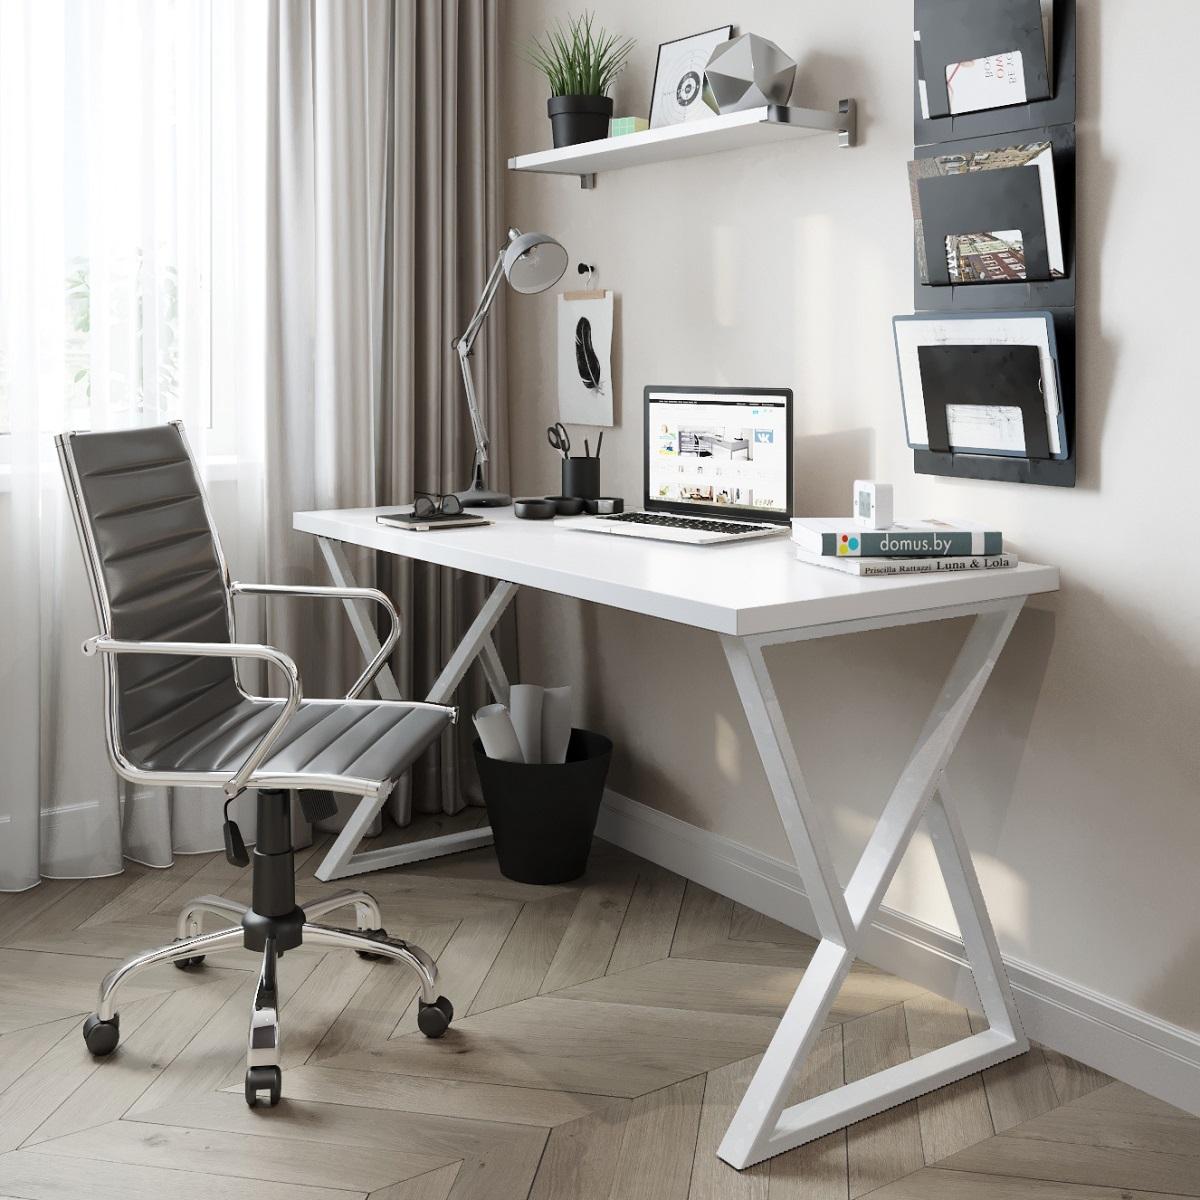 Письменный стол ДОМУС СП014 белый/металл белый